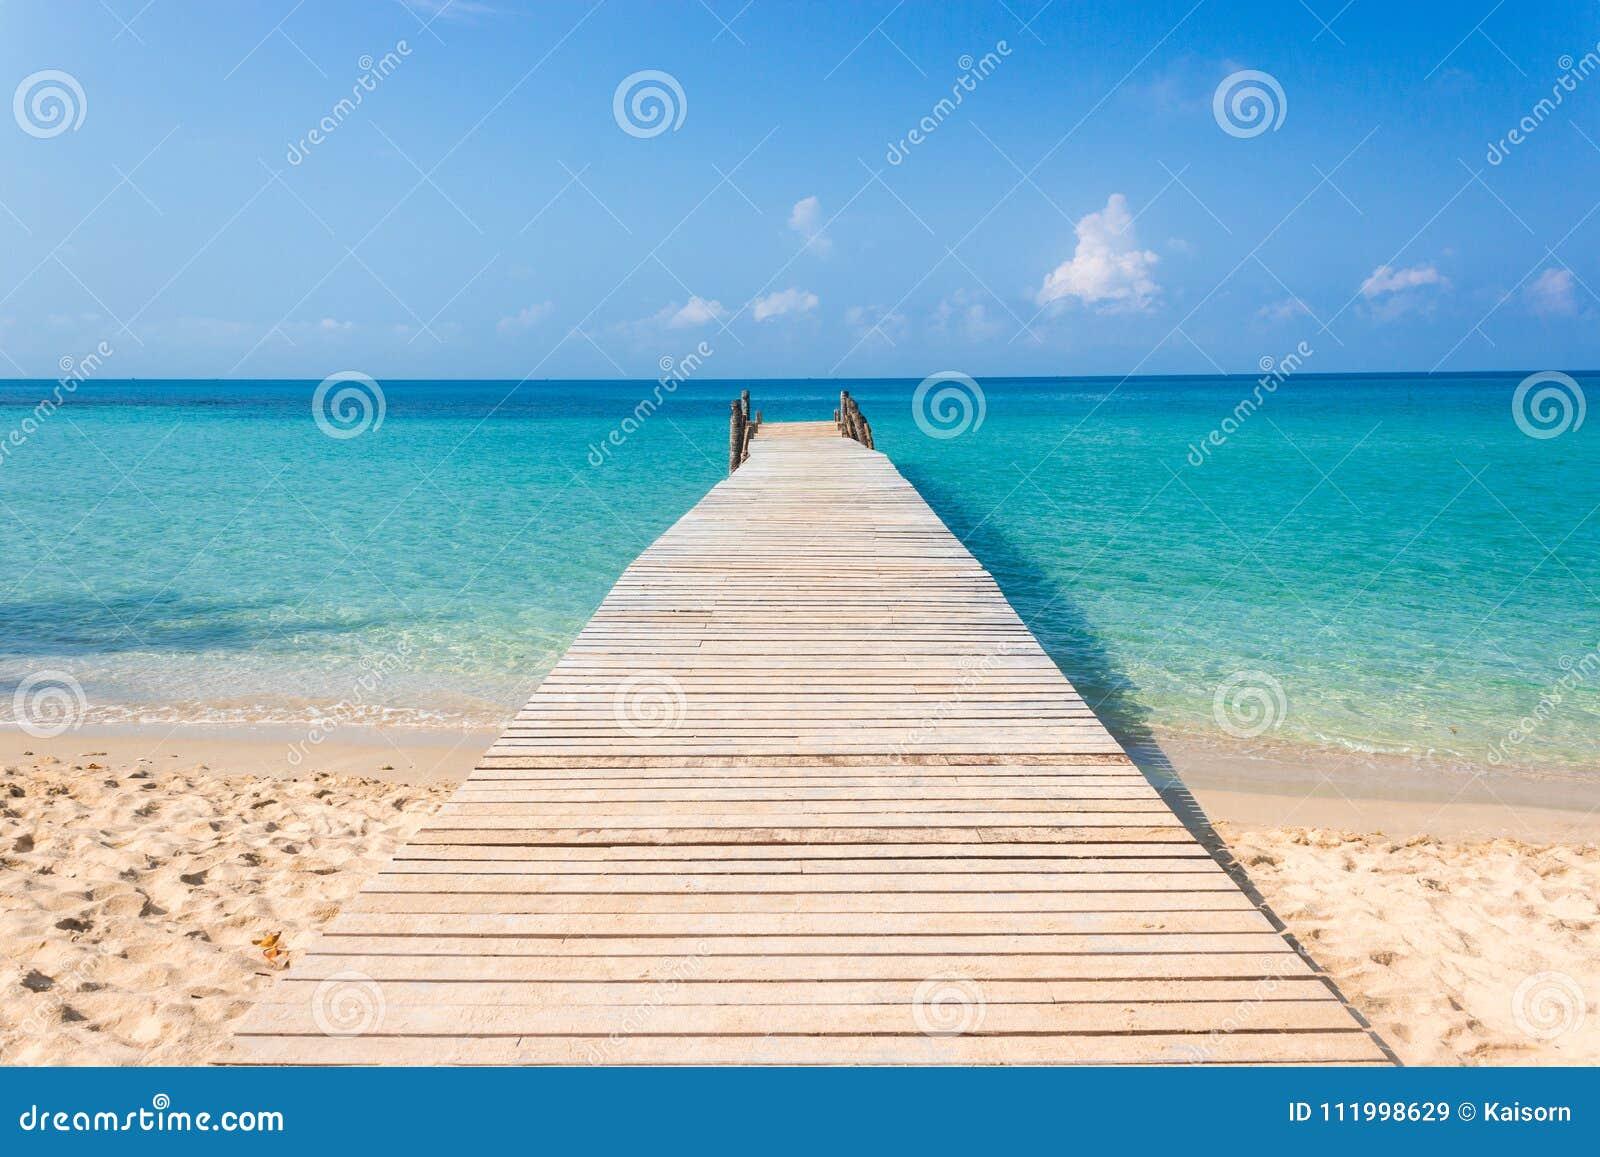 Puente de madera en la playa tropical y el cielo azul